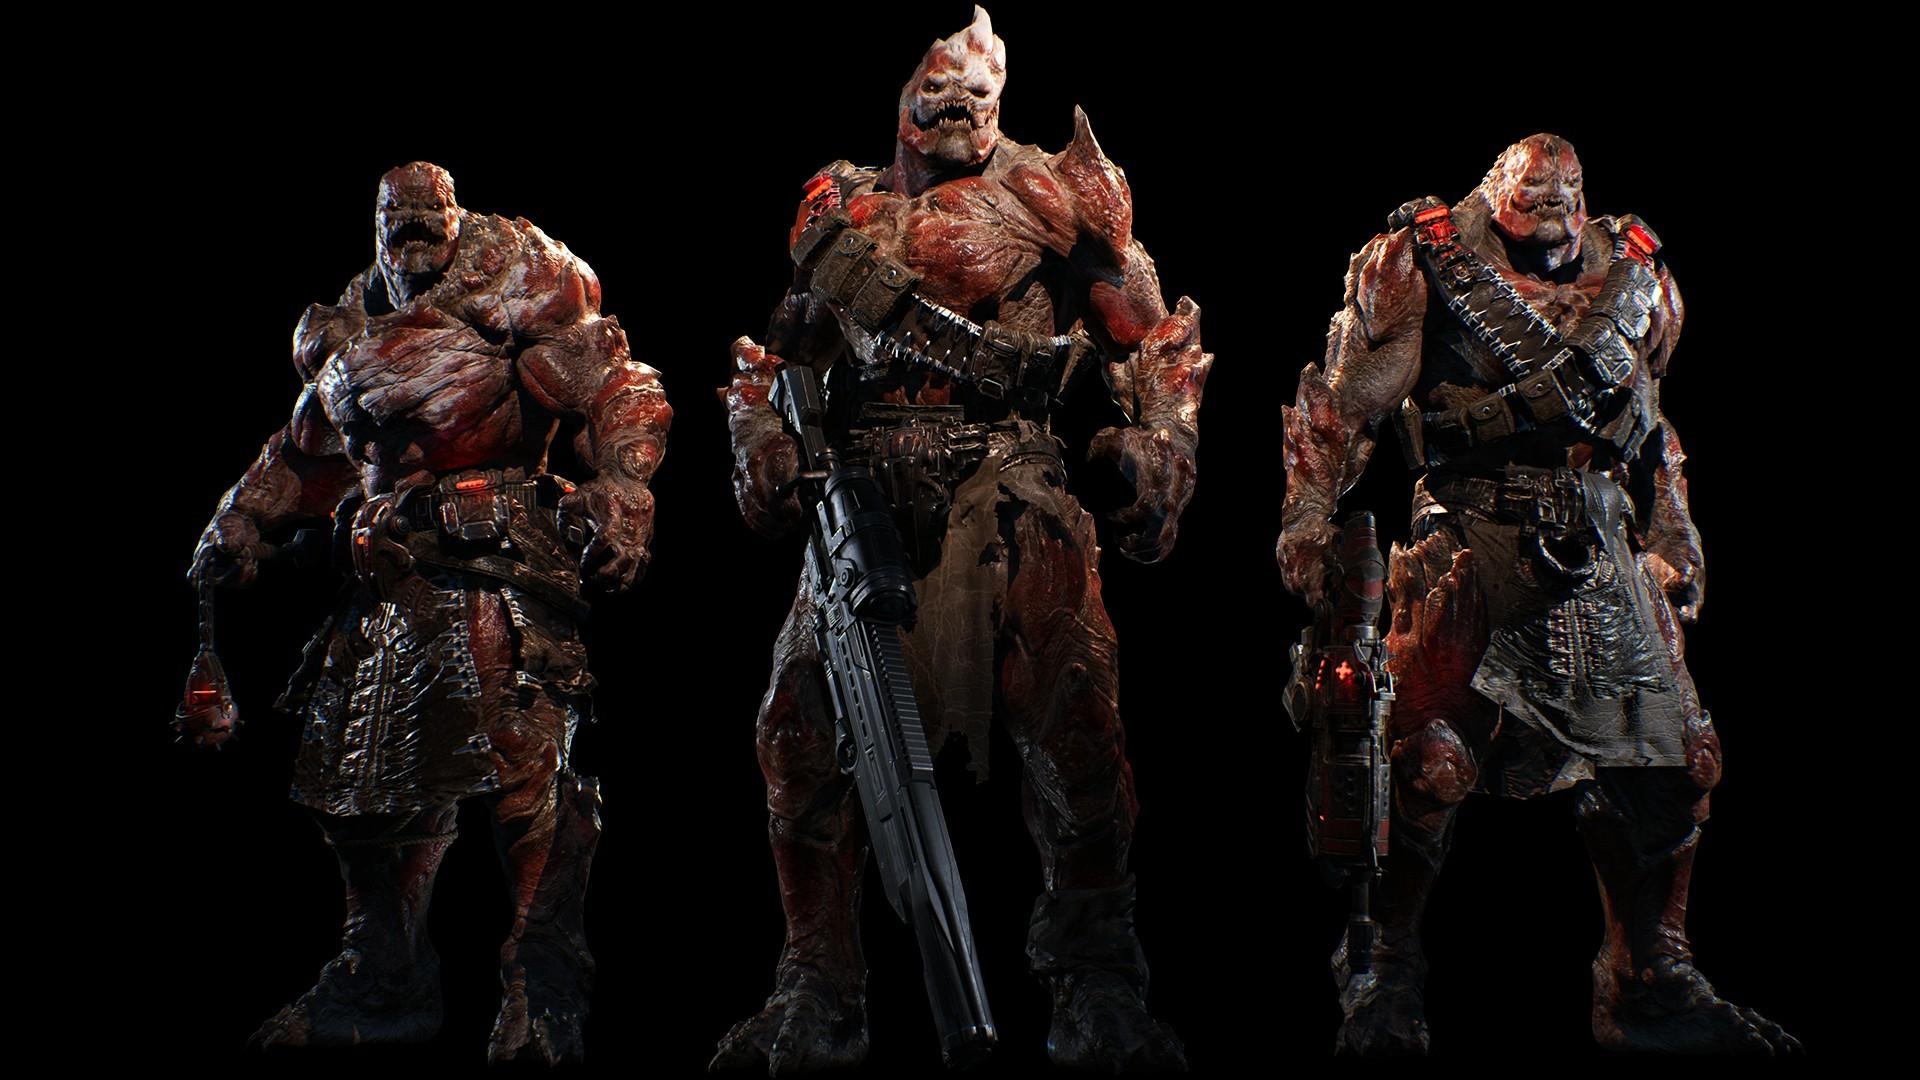 战争机器4游戏截图欣赏 超级硬汉对抗异星